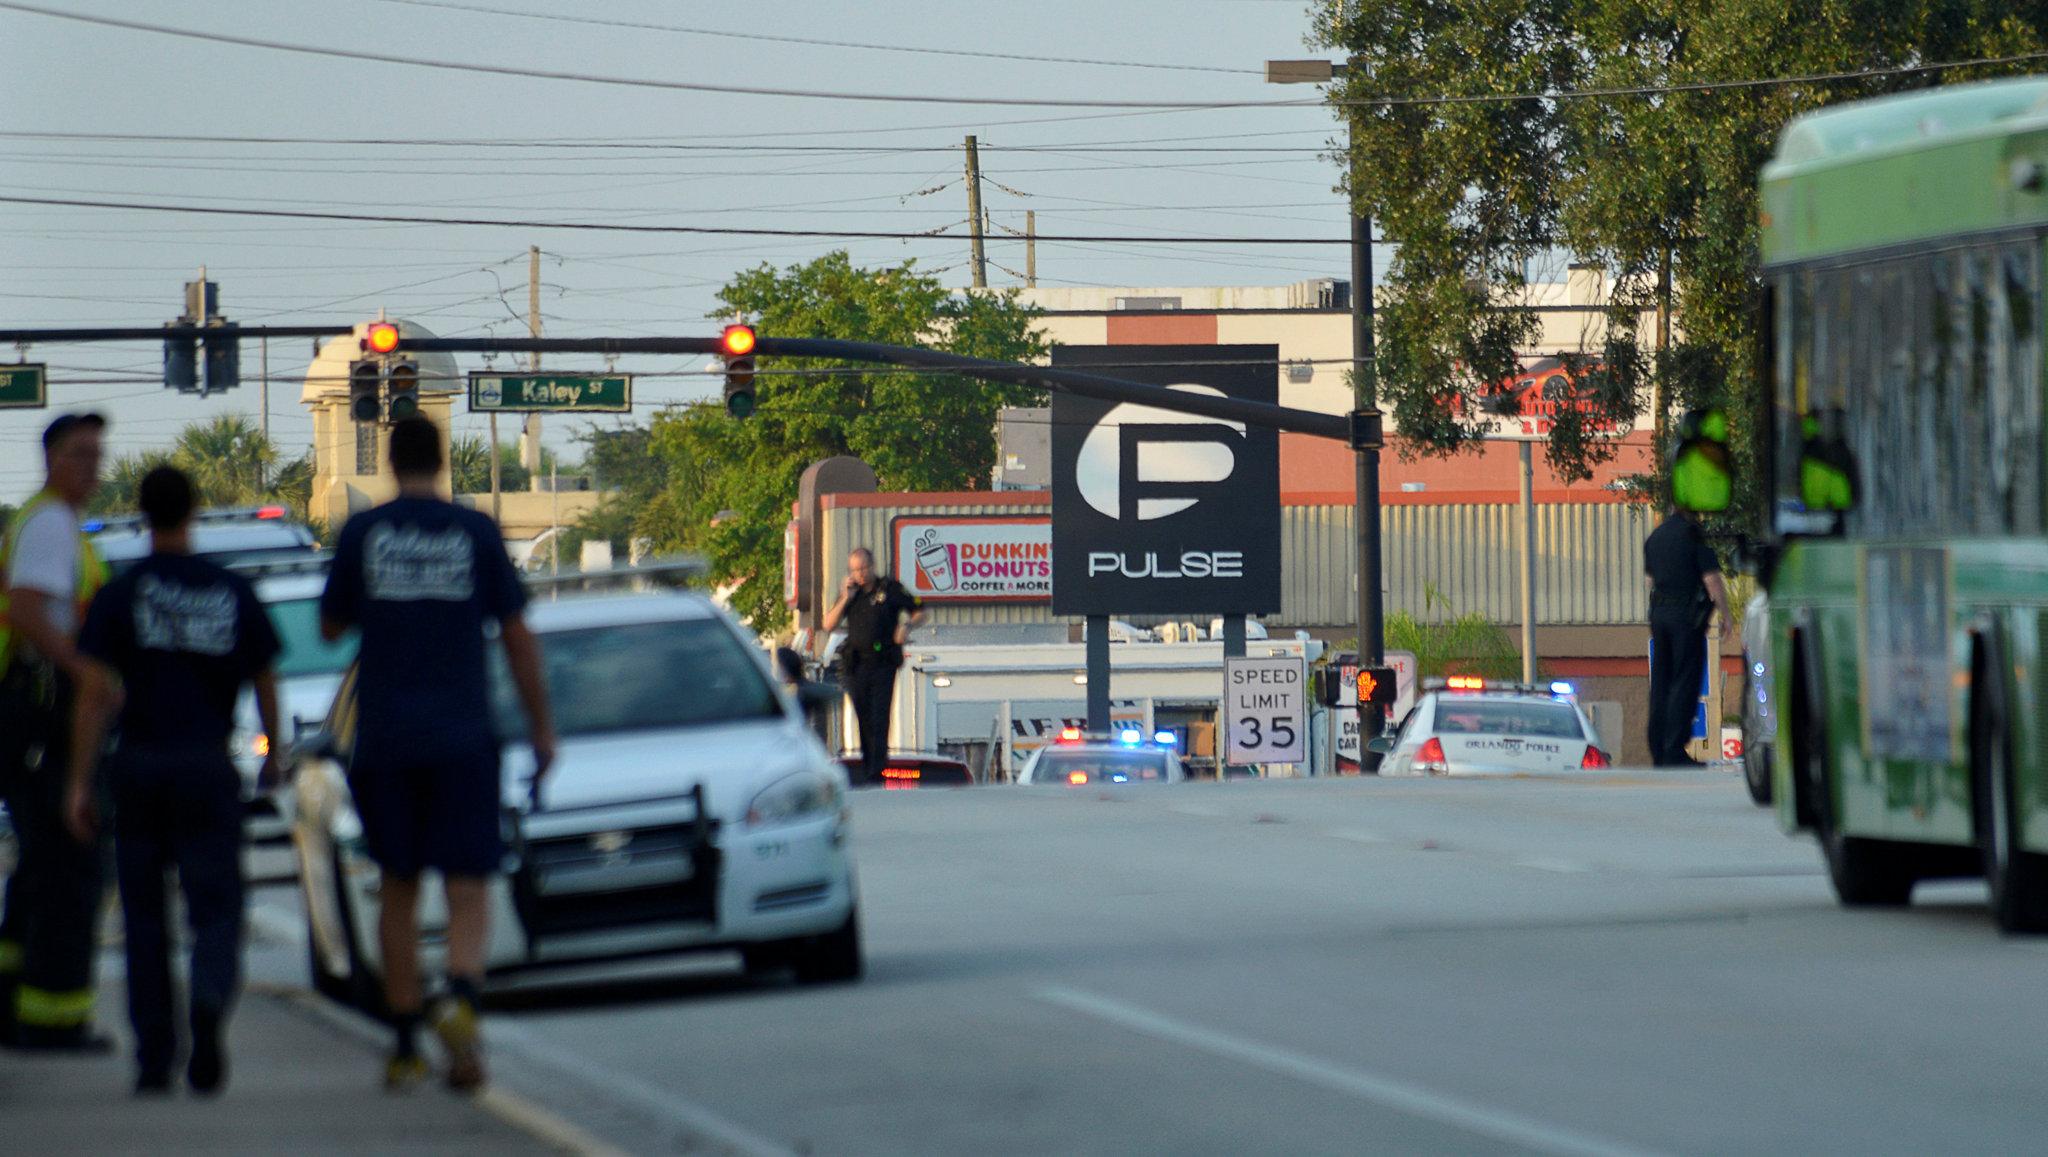 Caos tras el tiroteo de Orlando - La avenida Orange, en las prox... | Internacional | EL MUNDO